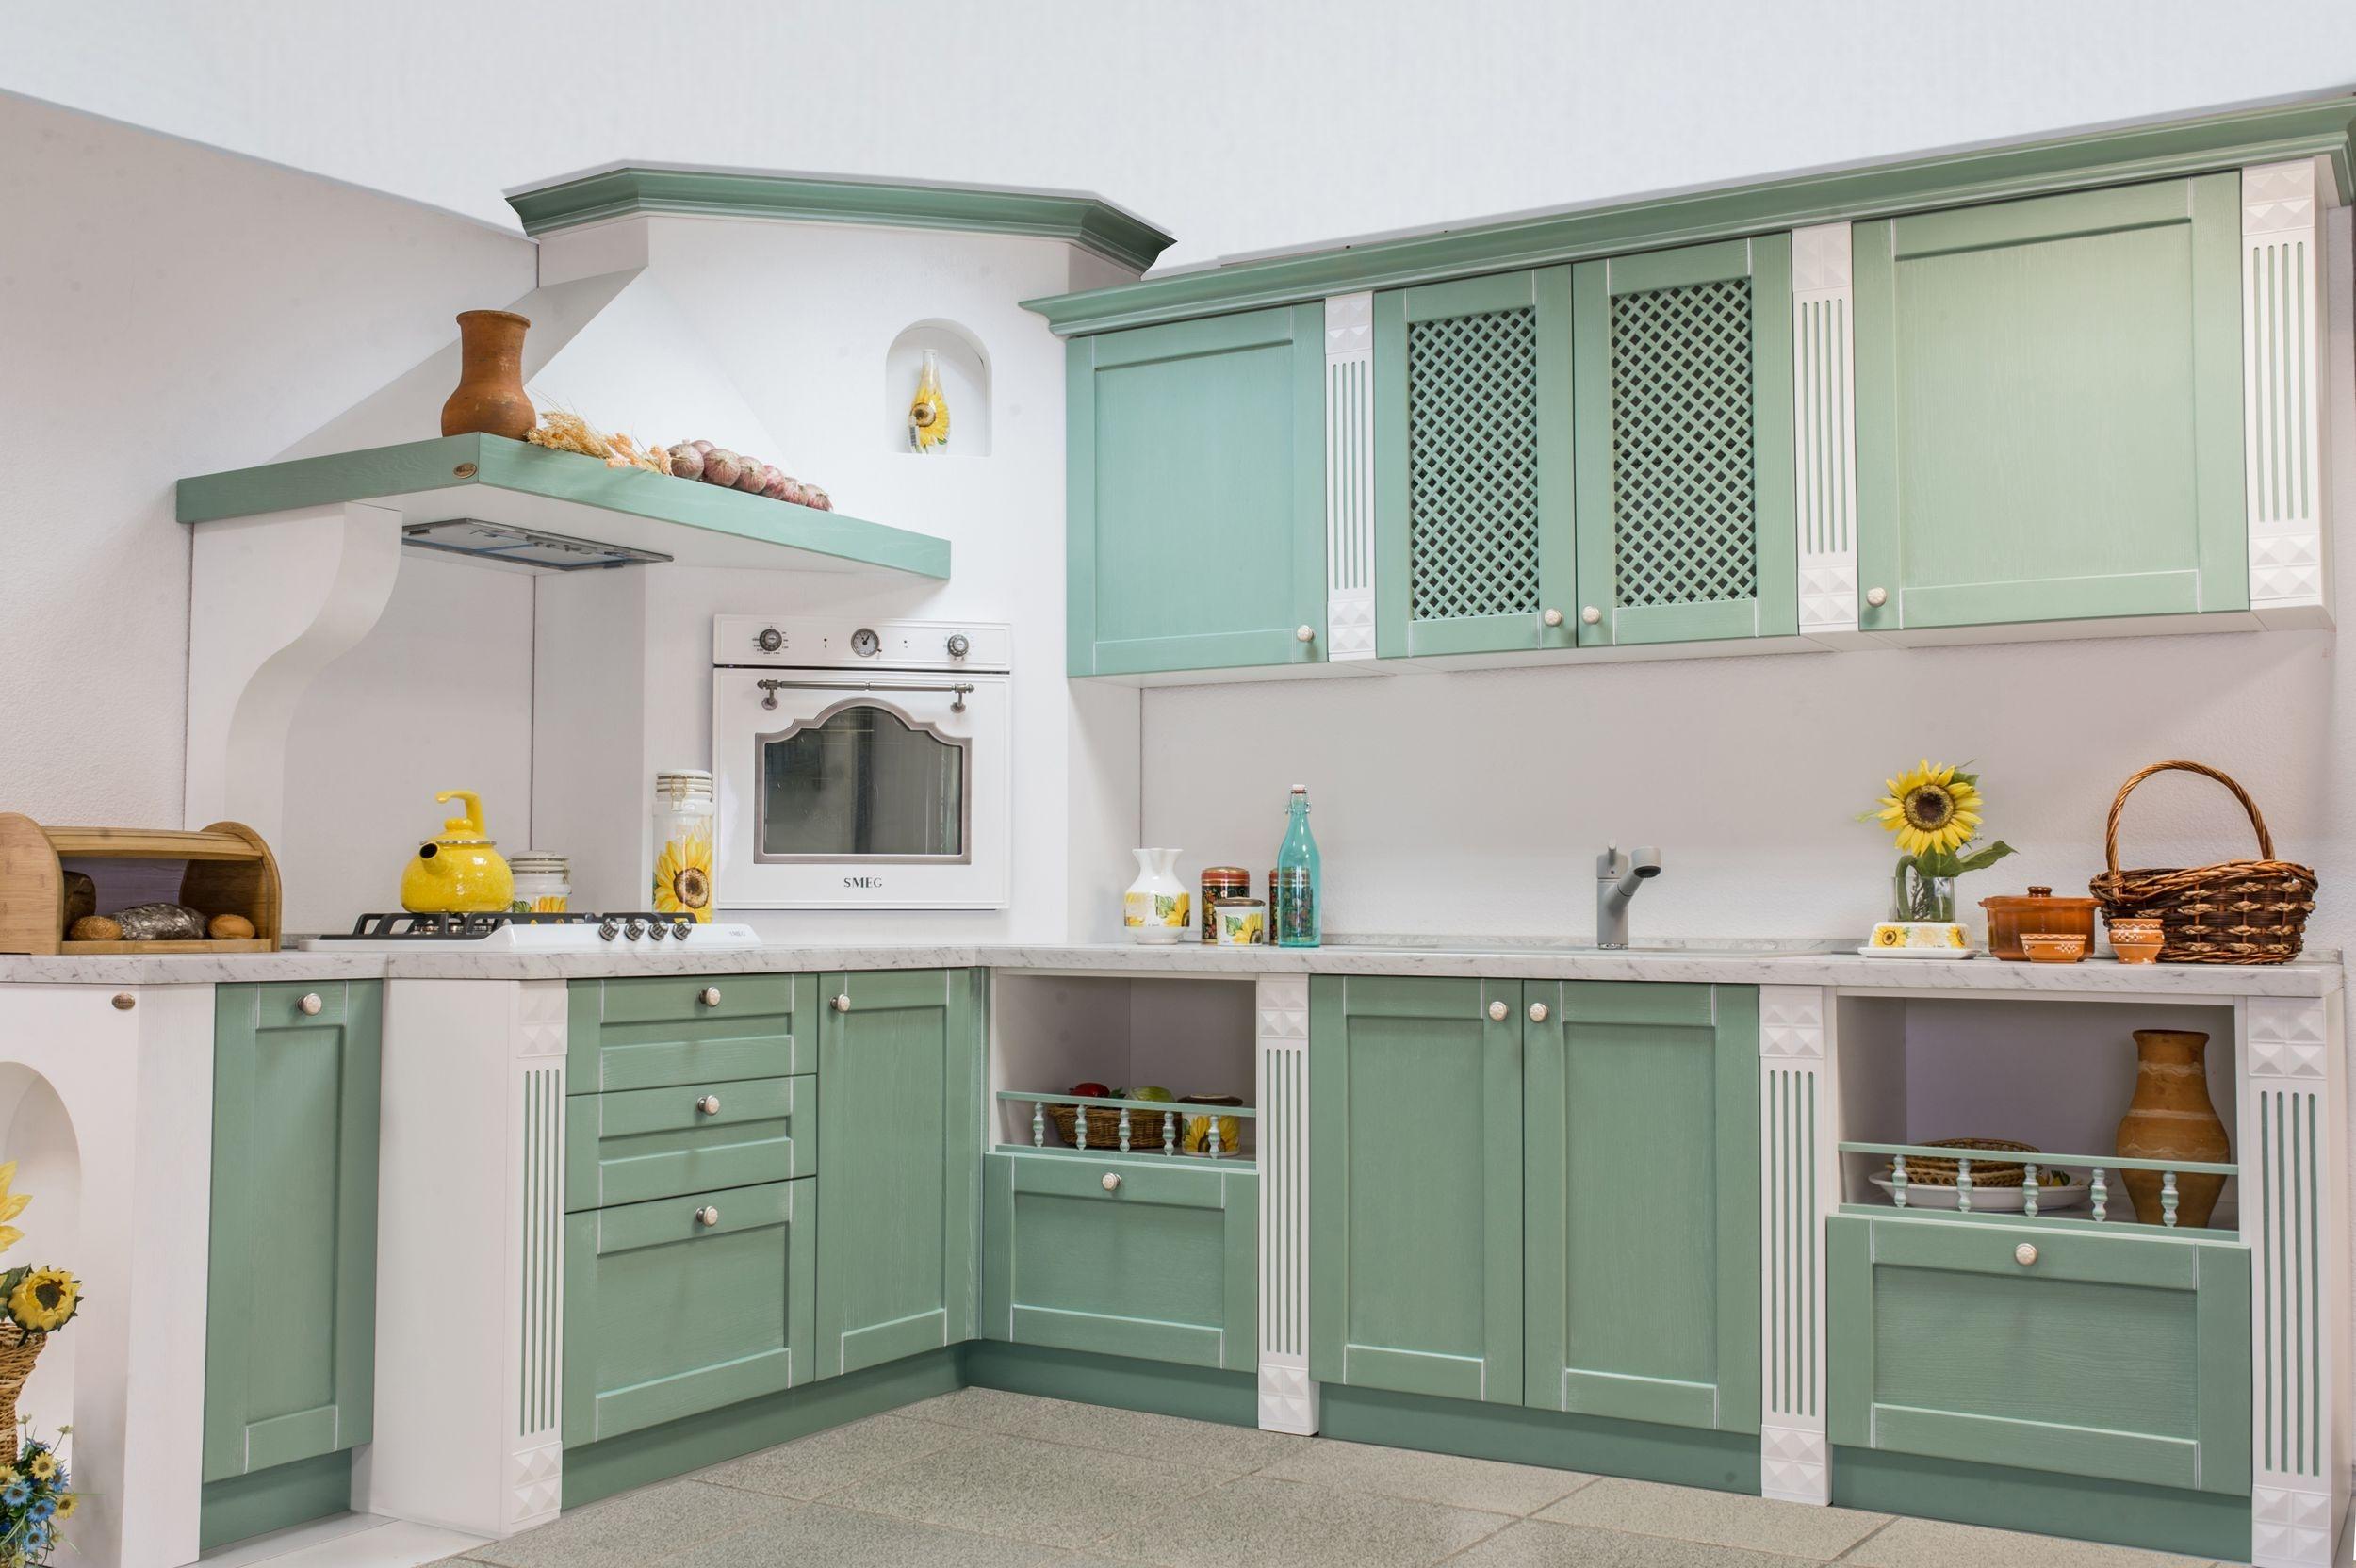 белая кухня с зеленой патиной картинки это тот случай